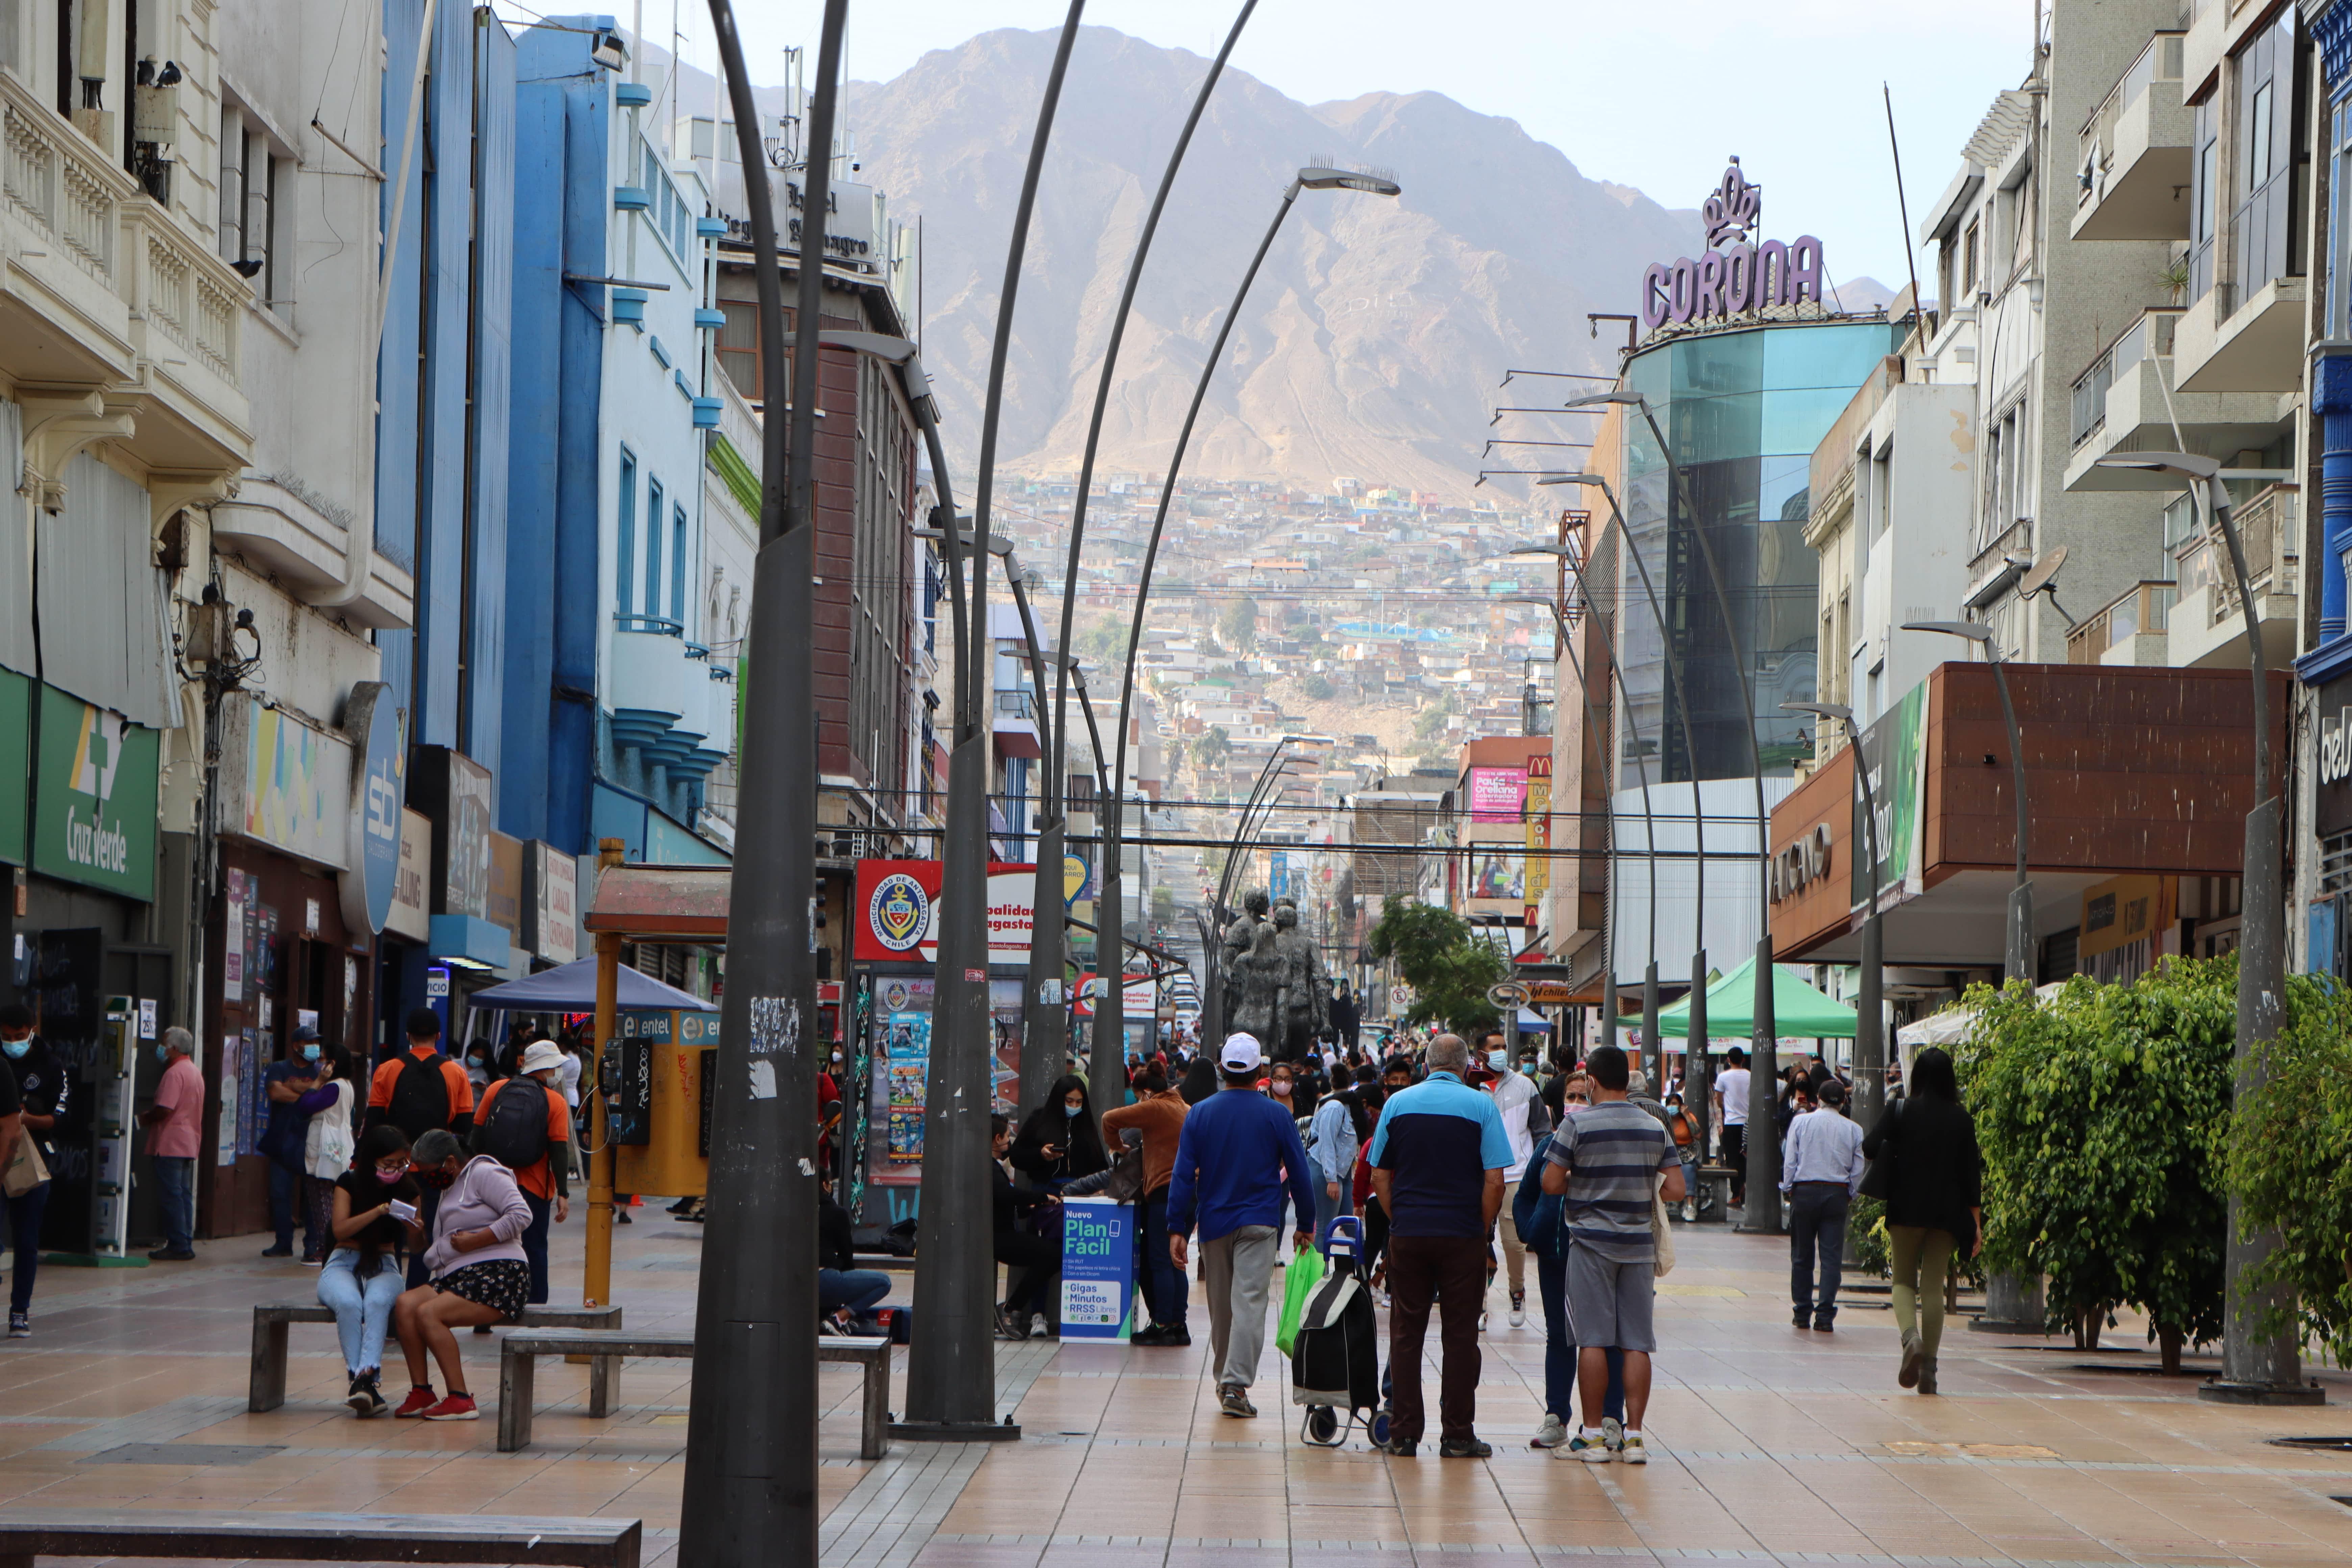 """Antofagasta: 14% de la población vive en zonas con condiciones de seguridad urbana """"críticas"""" noticias"""